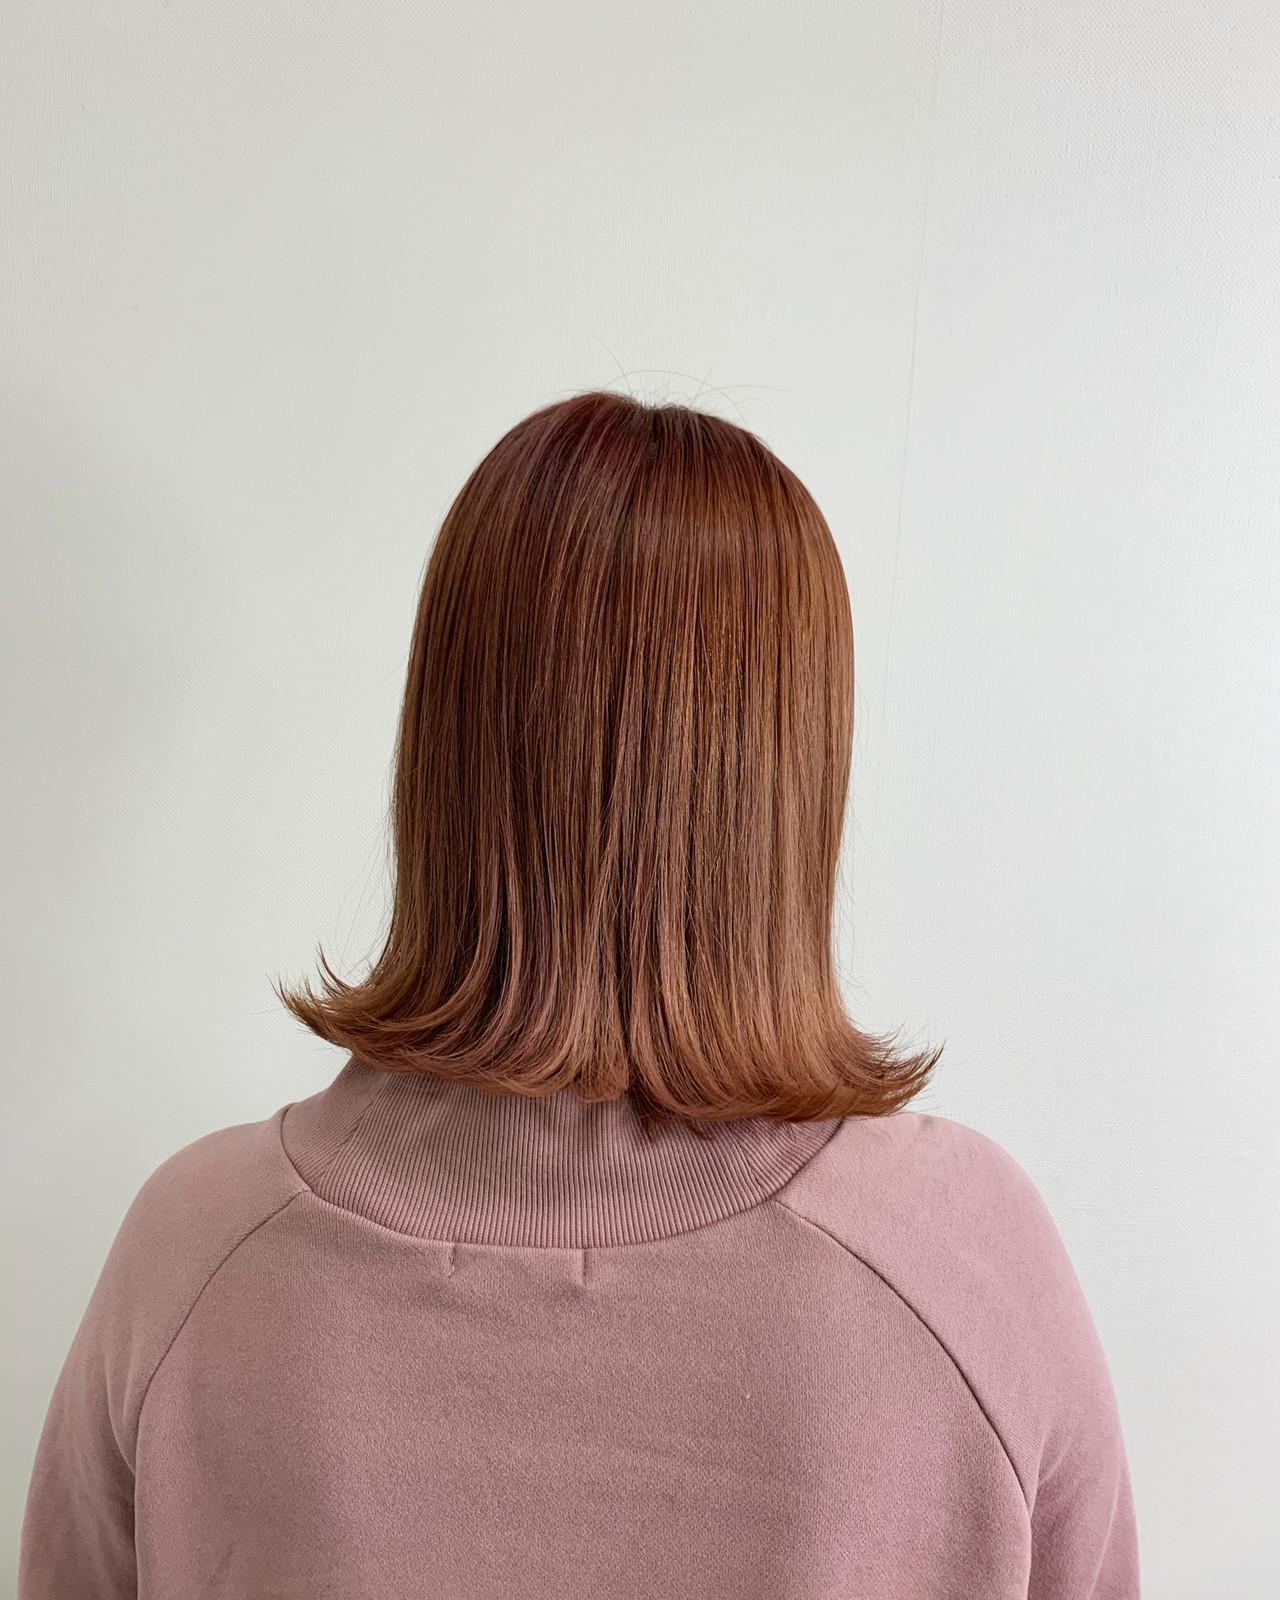 ピンクベージュ ナチュラル 切りっぱなしボブ ピンクラベンダー ヘアスタイルや髪型の写真・画像 | 深見 拓/ハイライト / soin de brace 大日店